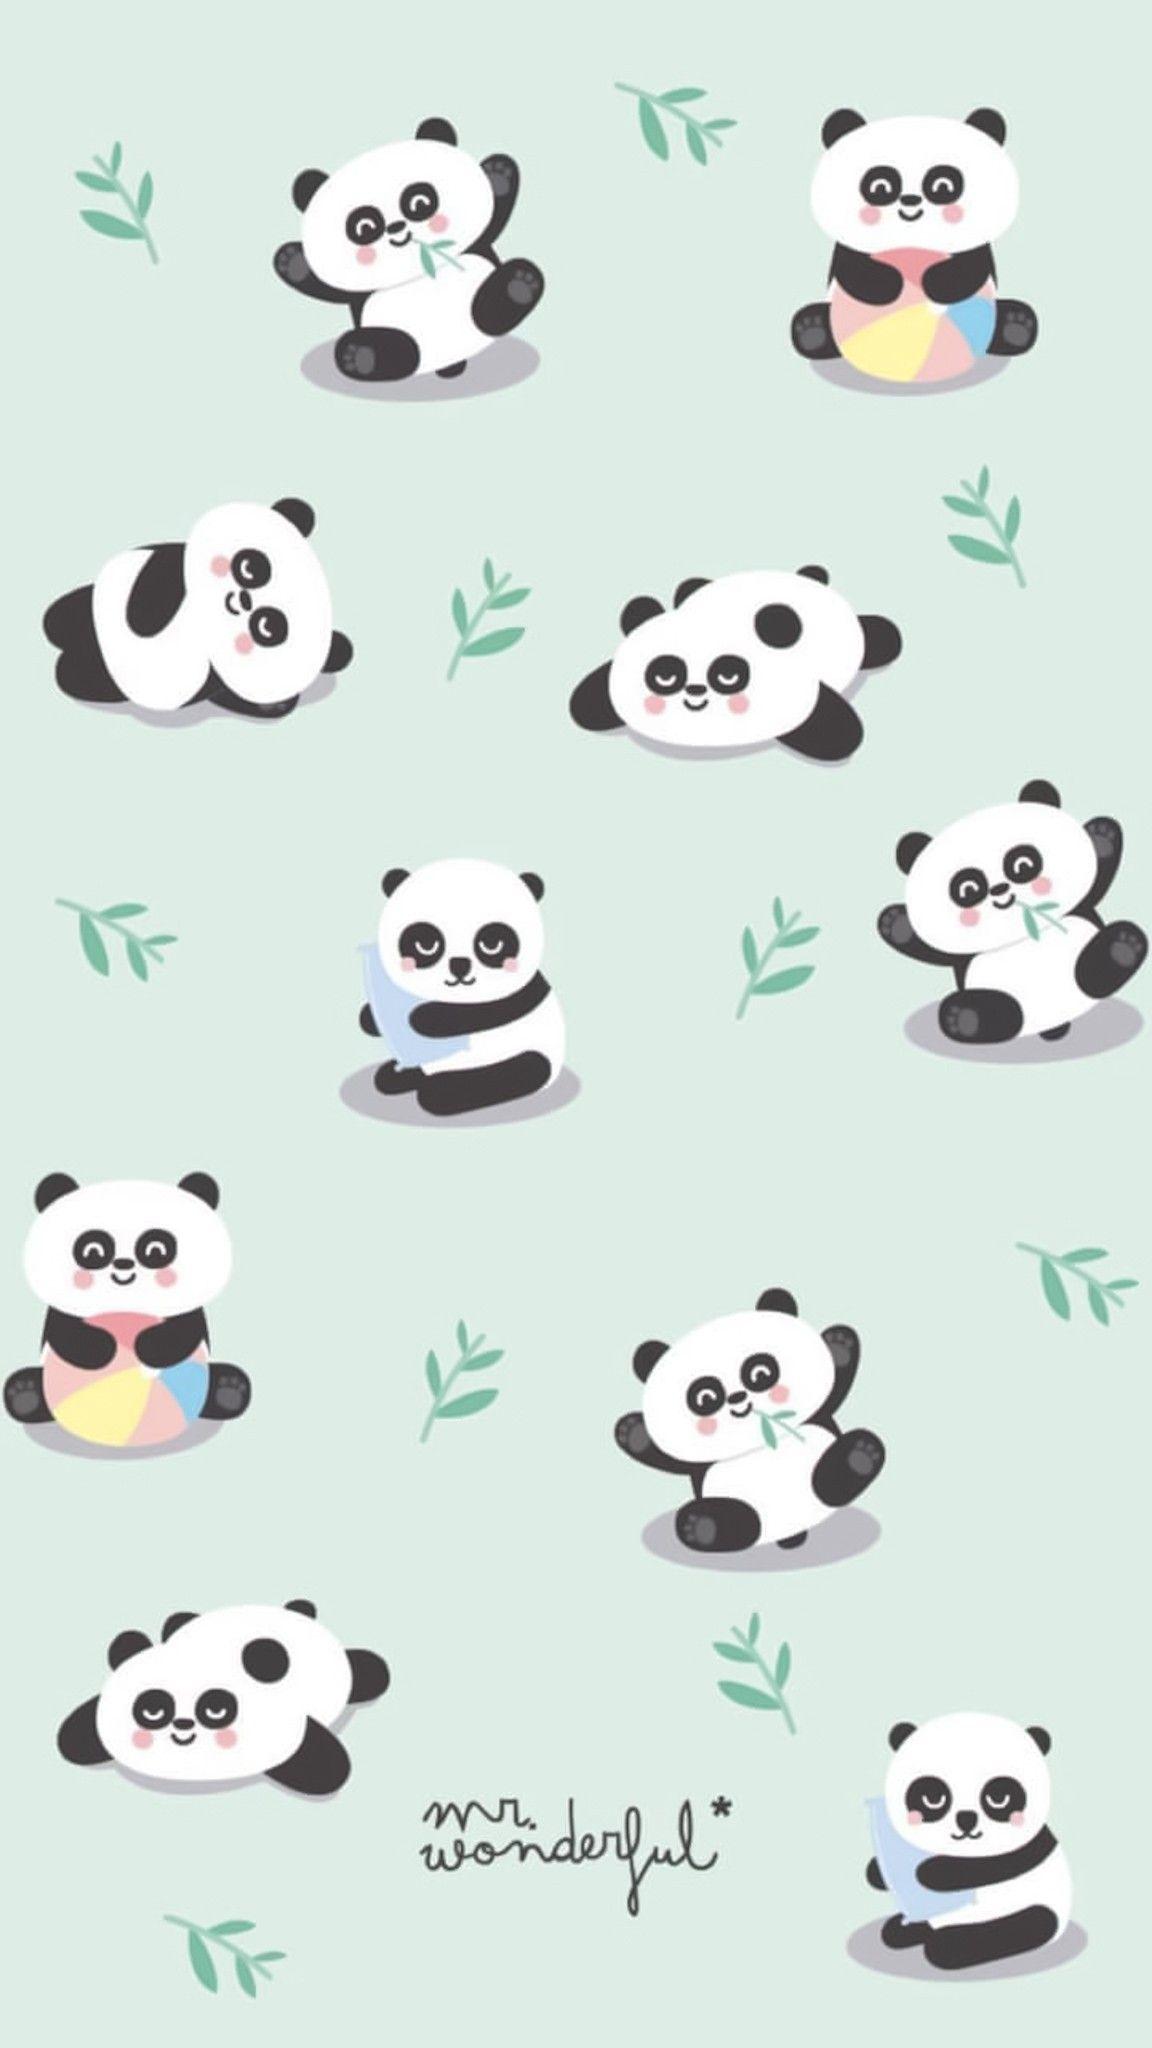 Panda Wallpaper Tumblr Cute Pandas Wallpaper Iphone 720x1280 Download Hd Wallpaper Wallpapertip